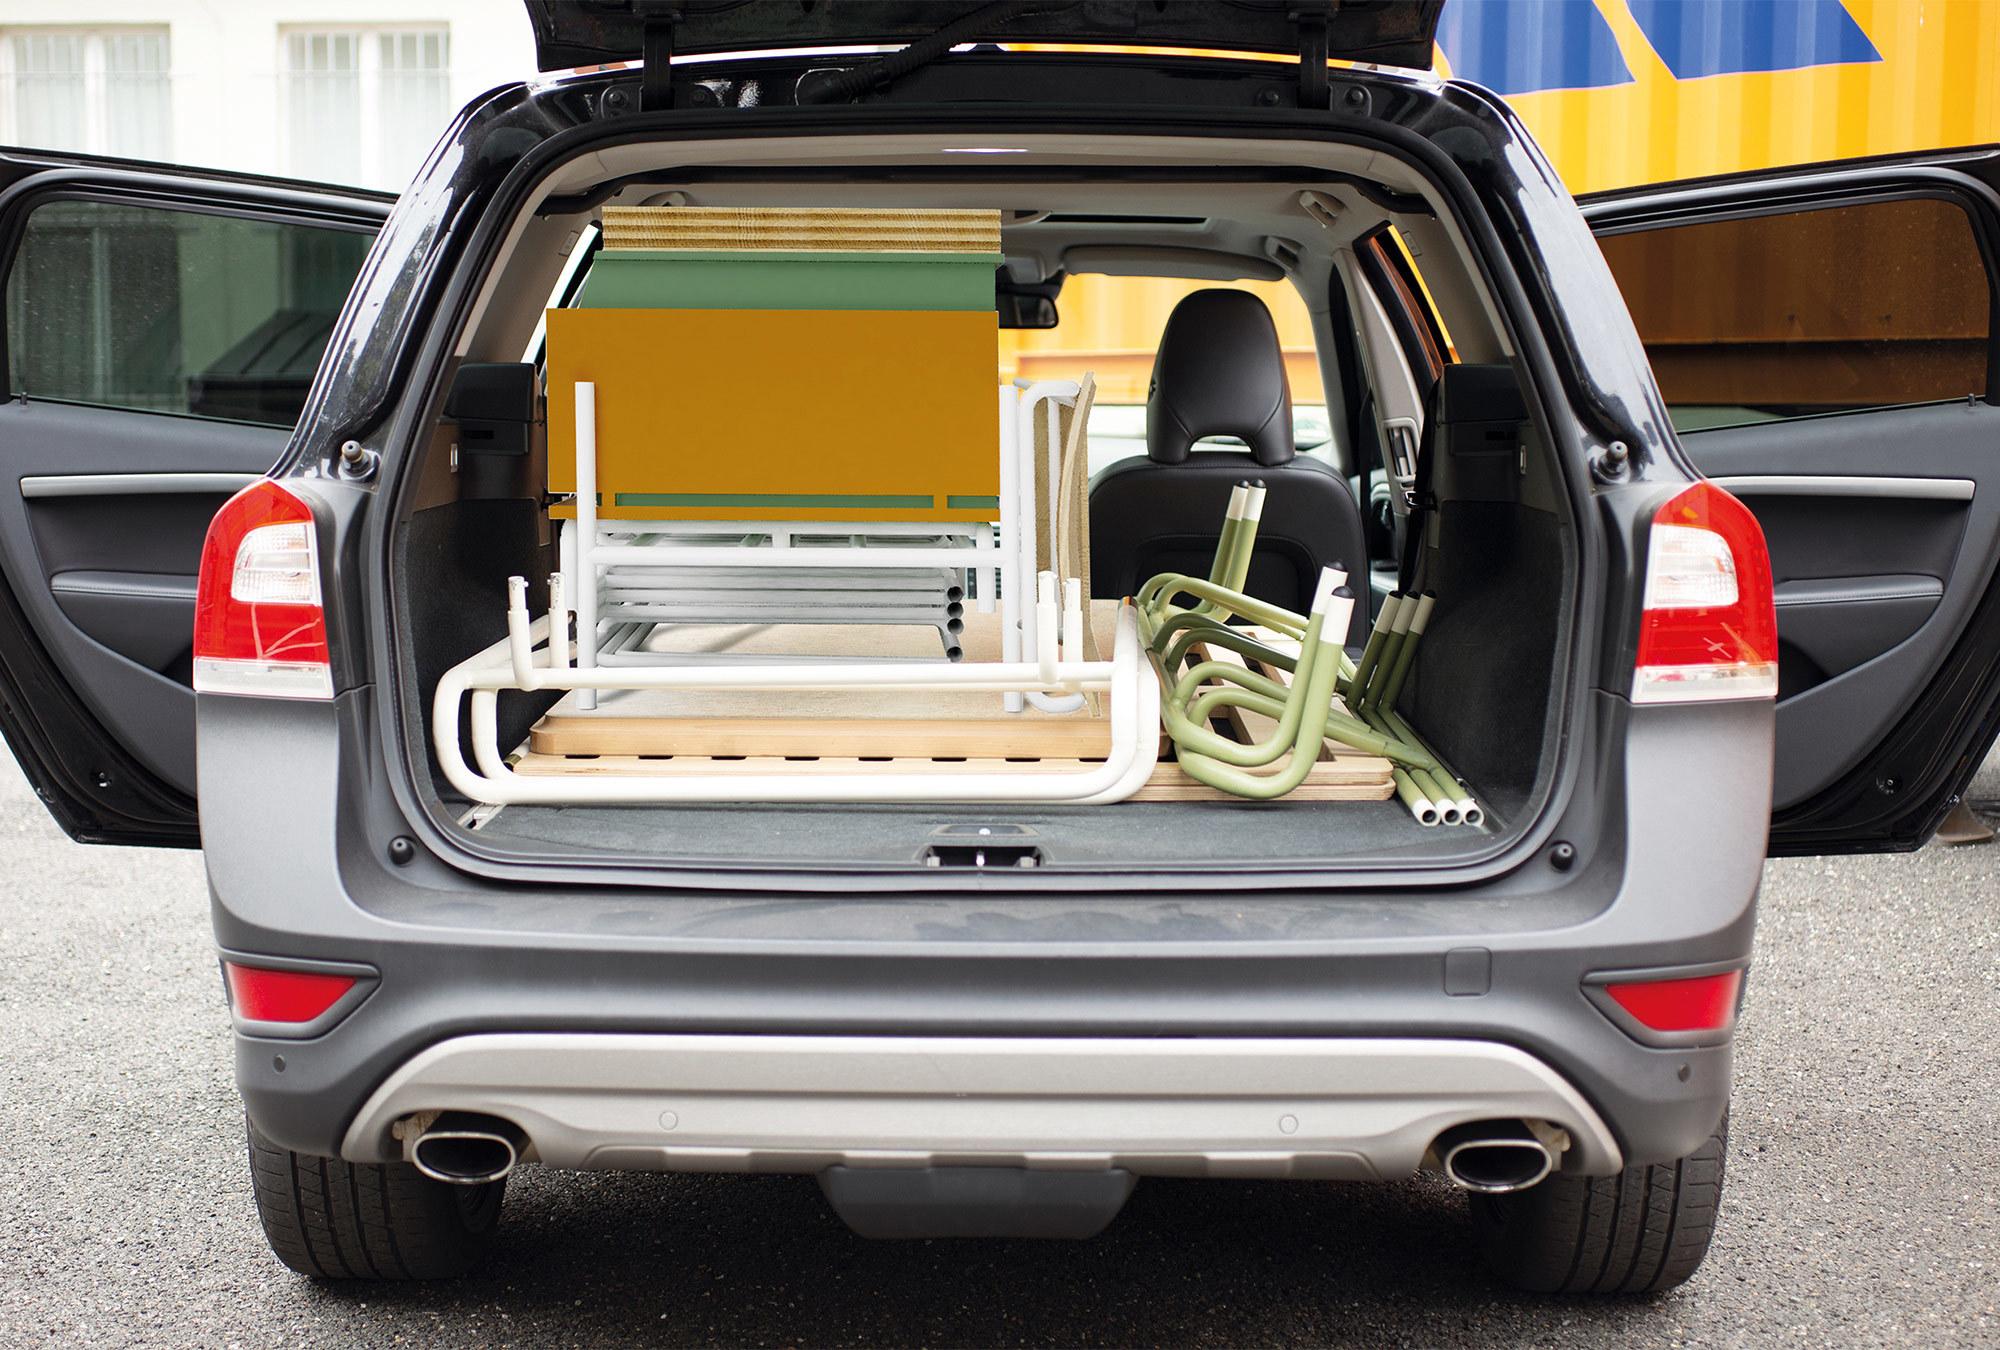 Die gesamte Einrichtung eines Zimmers passt in den Kofferraum eines Kombis. Kulturkonfekt von Eileen Krüger